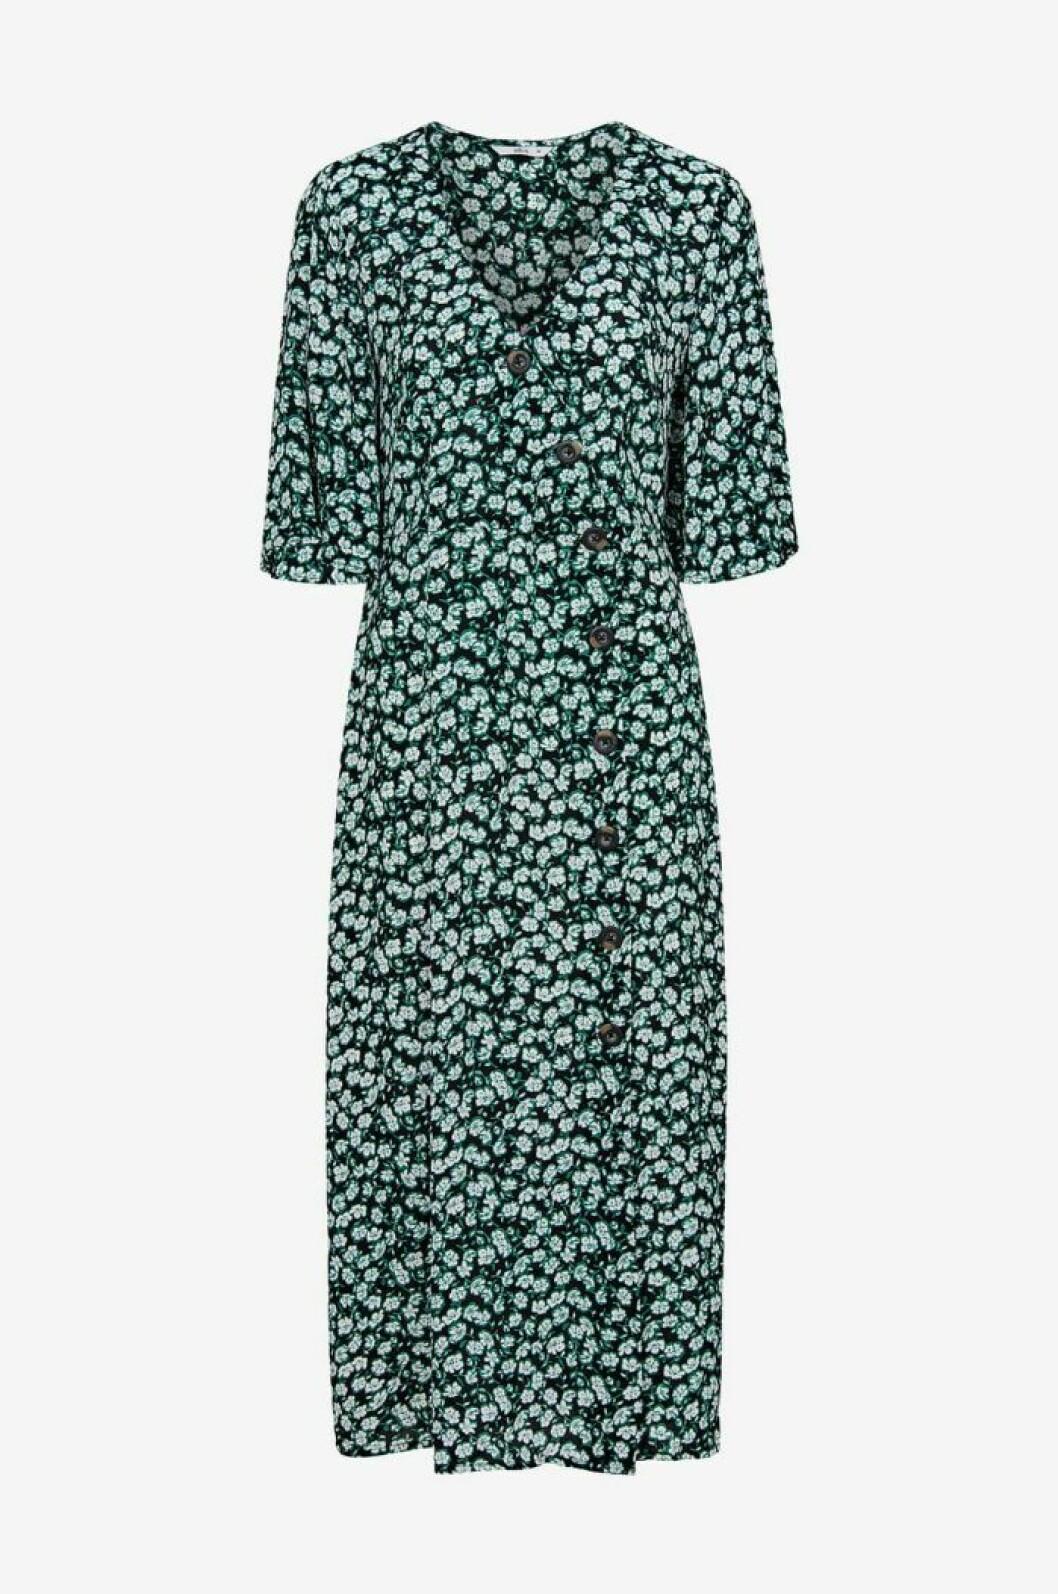 Grön klänning med vita prickar